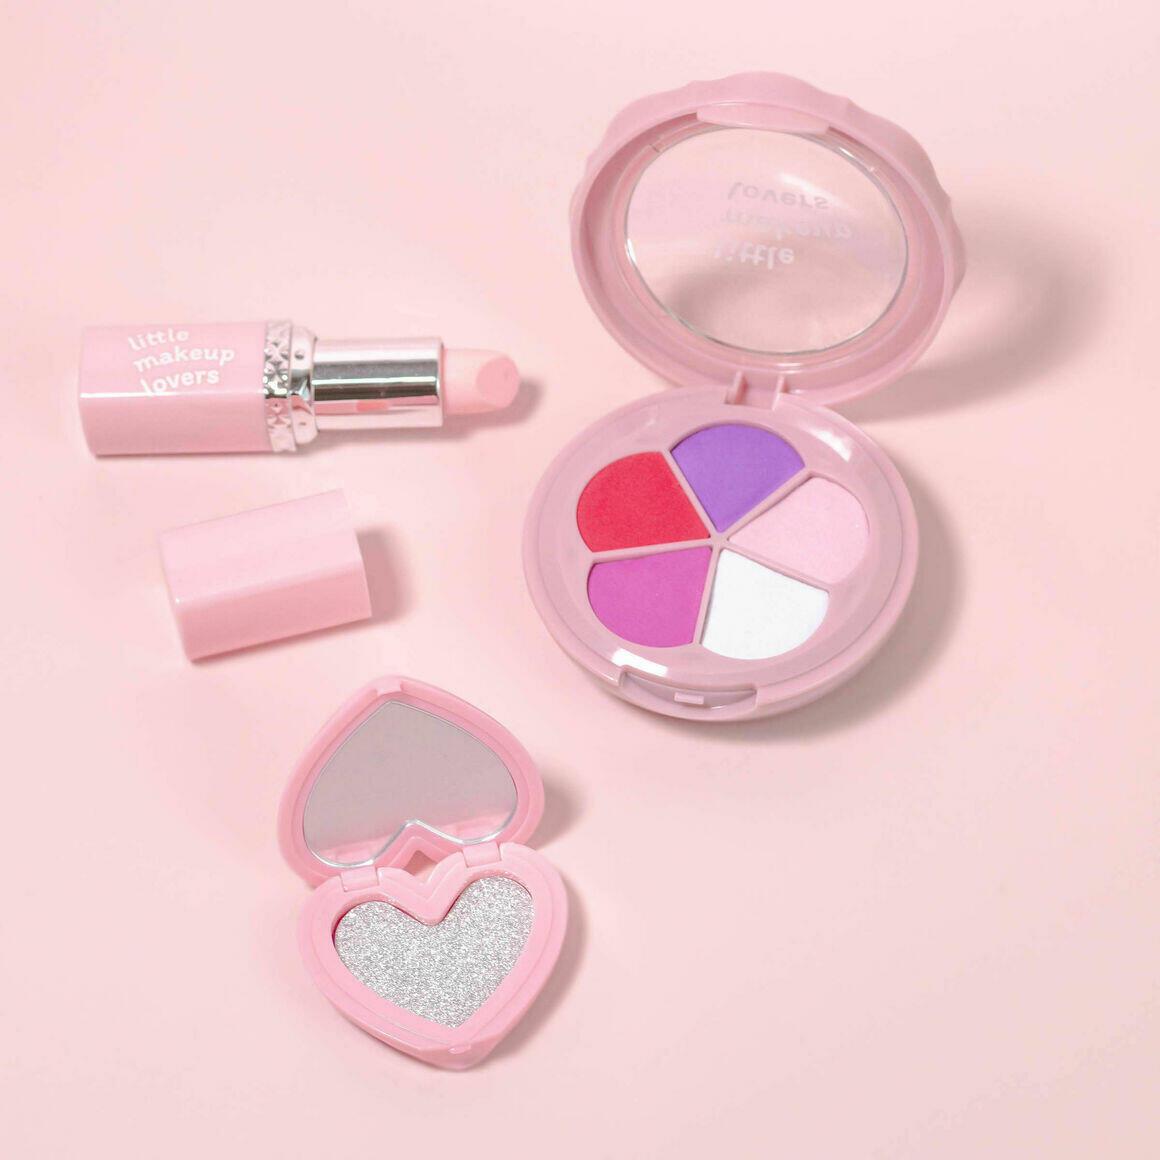 Miss sweetheart makeup set   Trada Marketplace